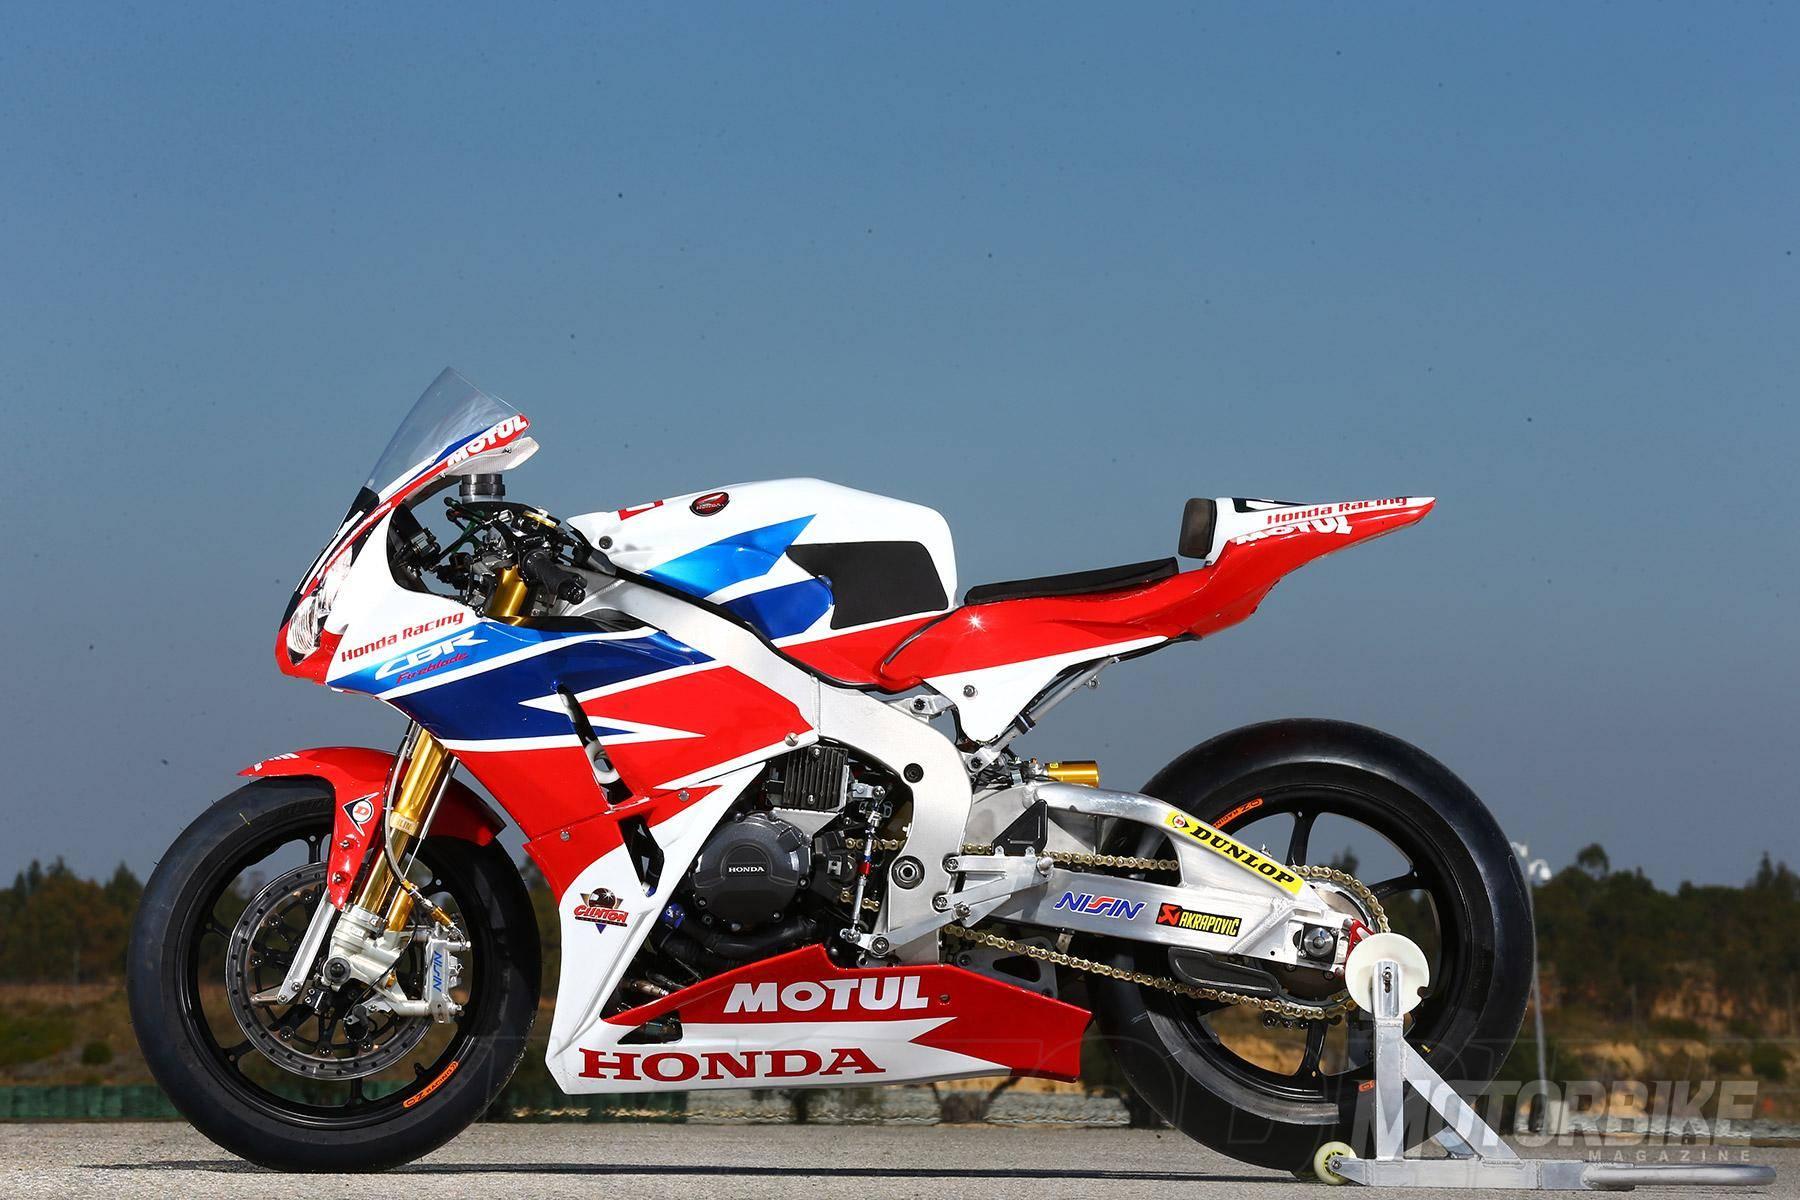 Las Honda CBR1000RR y Honda RVF1000 se presentarán a finales de 2016 ...